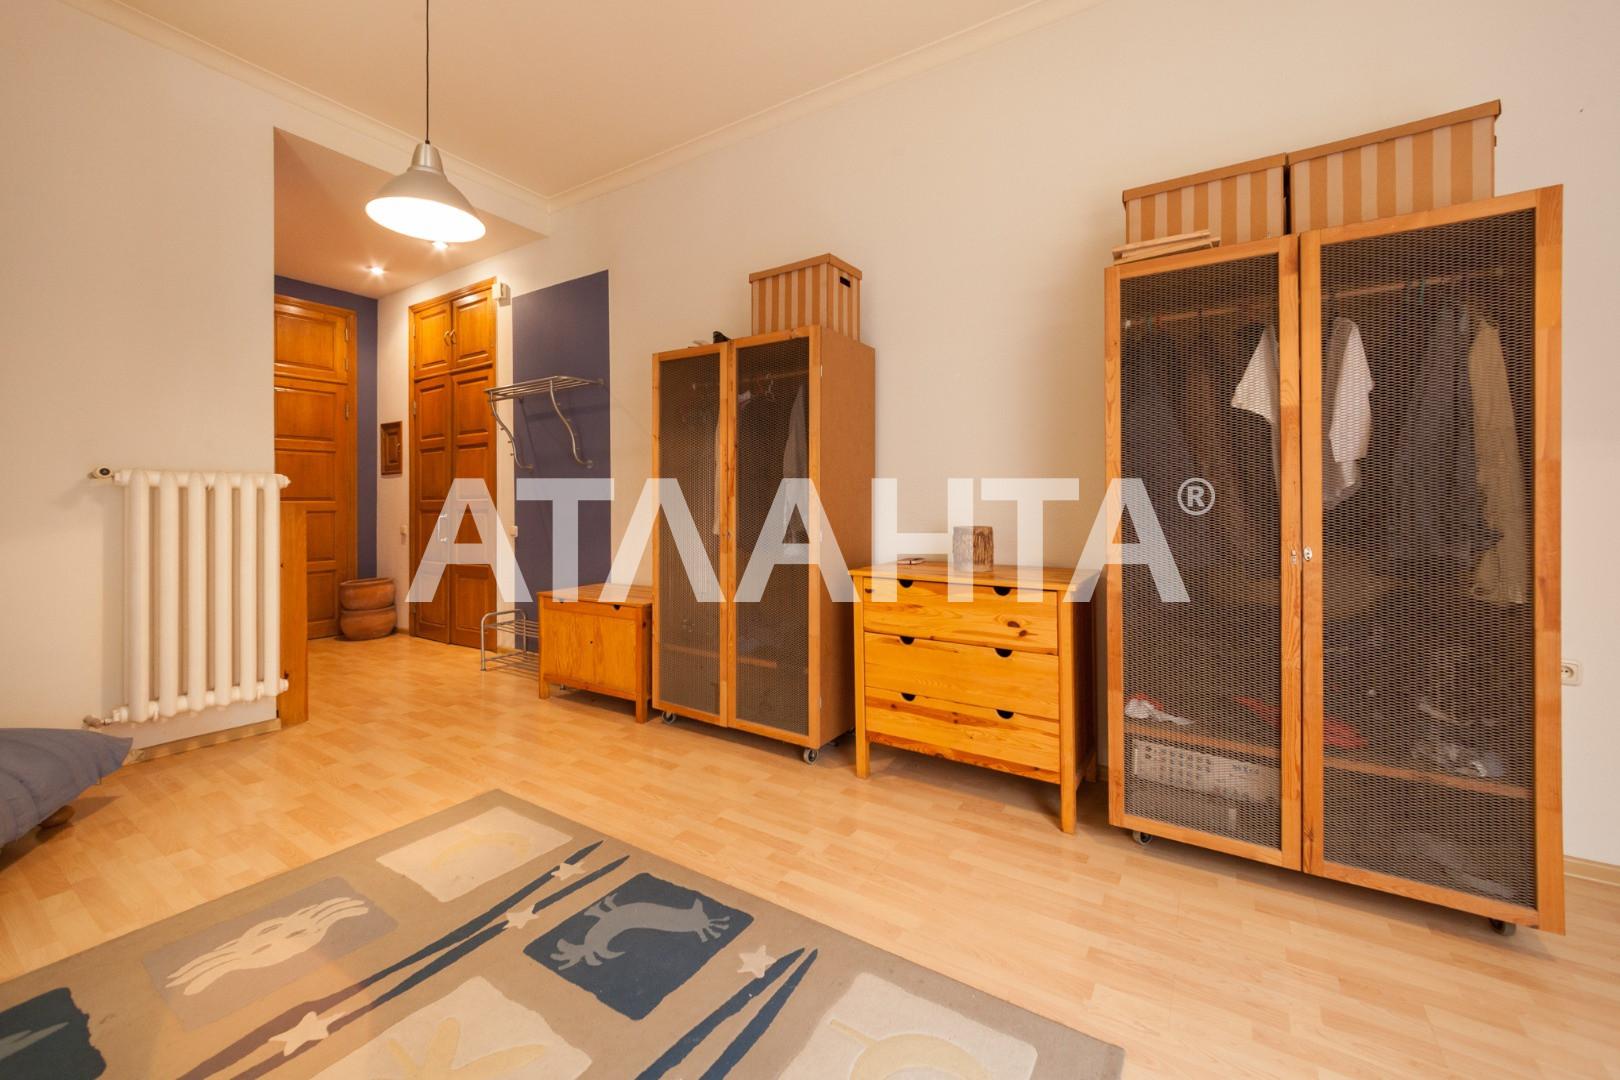 Продается 3-комнатная Квартира на ул. Военный Сп. (Жанны Лябурб Сп.) — 95 000 у.е. (фото №7)